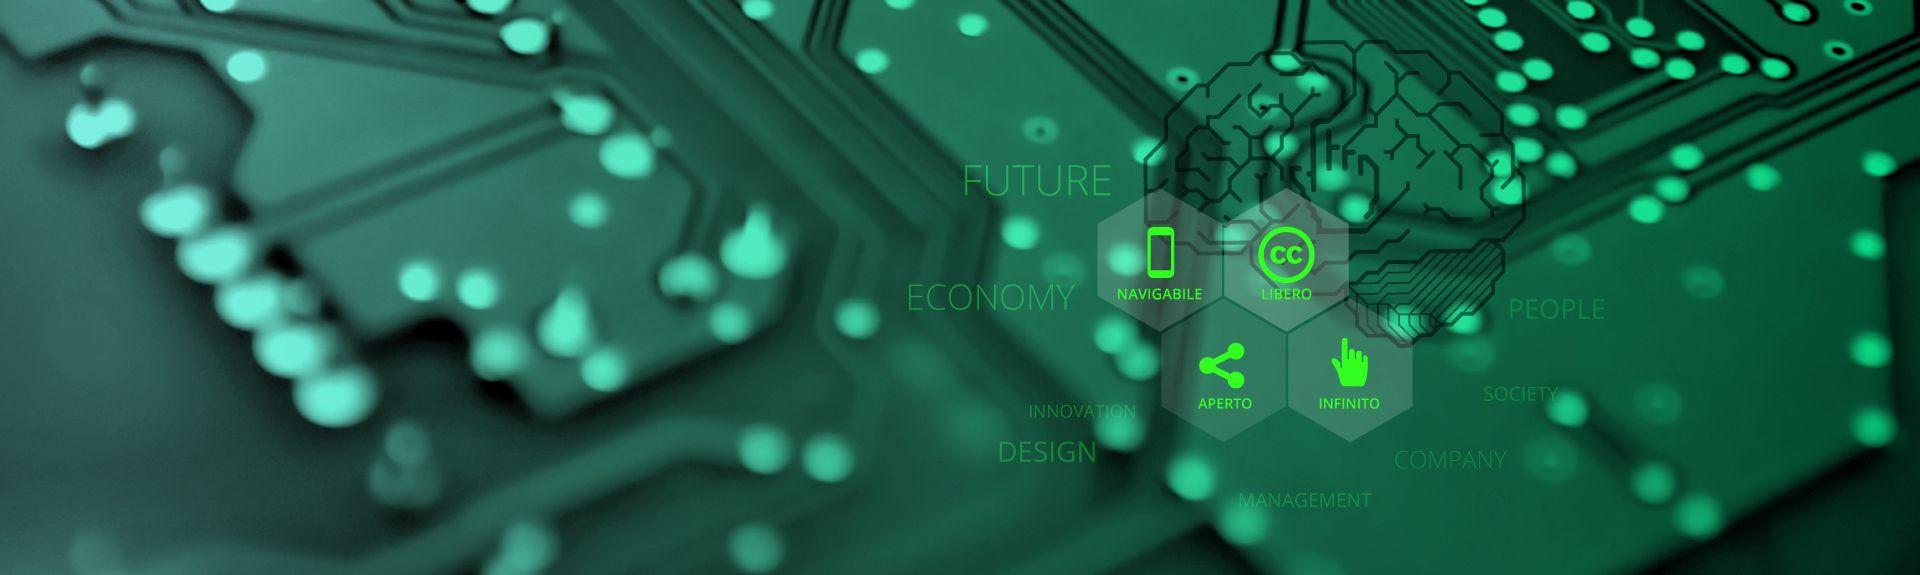 La piattaforma culturale dedicata all'economia collaborativa